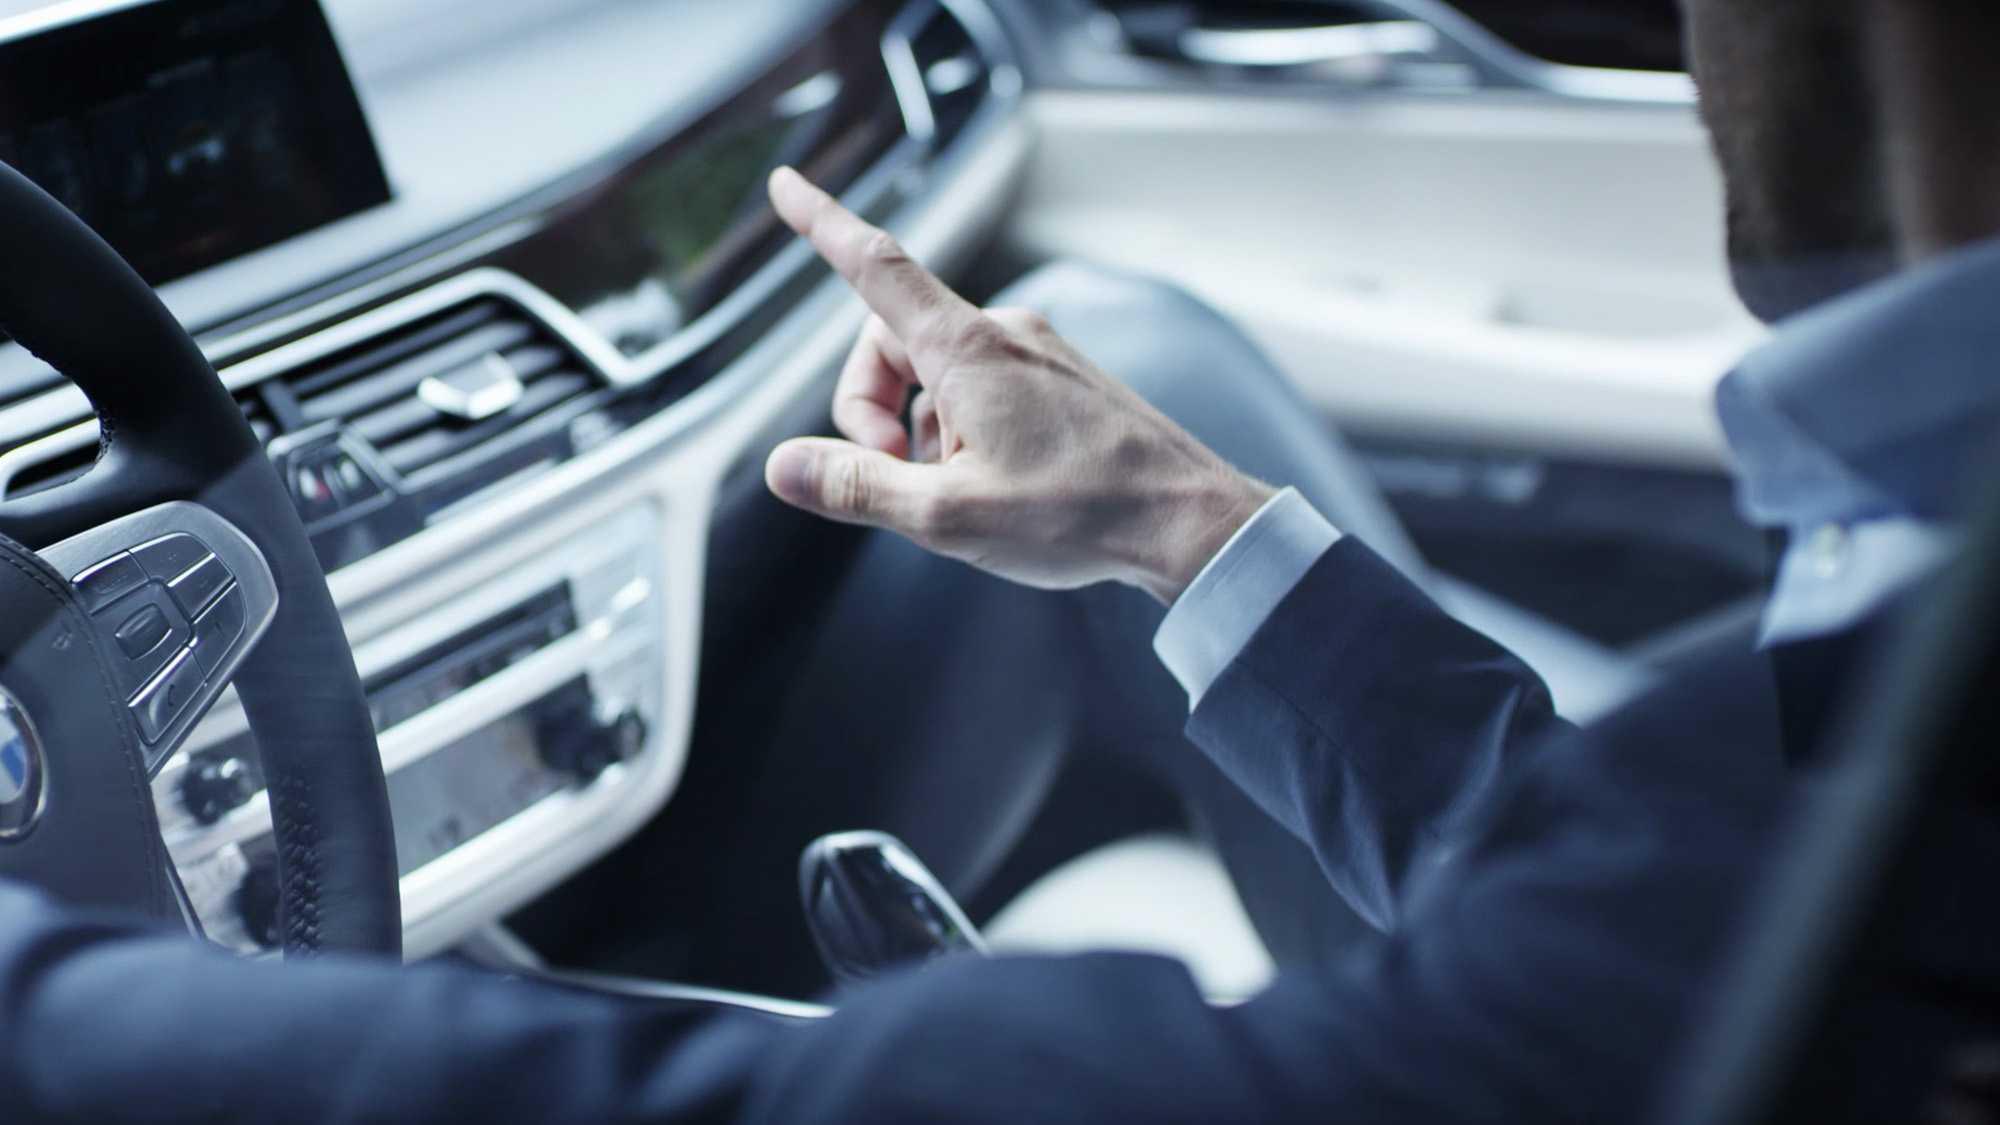 Das Bild zeigt eine Hand. Diese zeigt auf eine Mittelkonsole in einem Fahrzeug. Das Bild dient als Sliderbild für den Portfolioeintrag BMW Connected Drive Schweigefuchs von Panda Pictures.